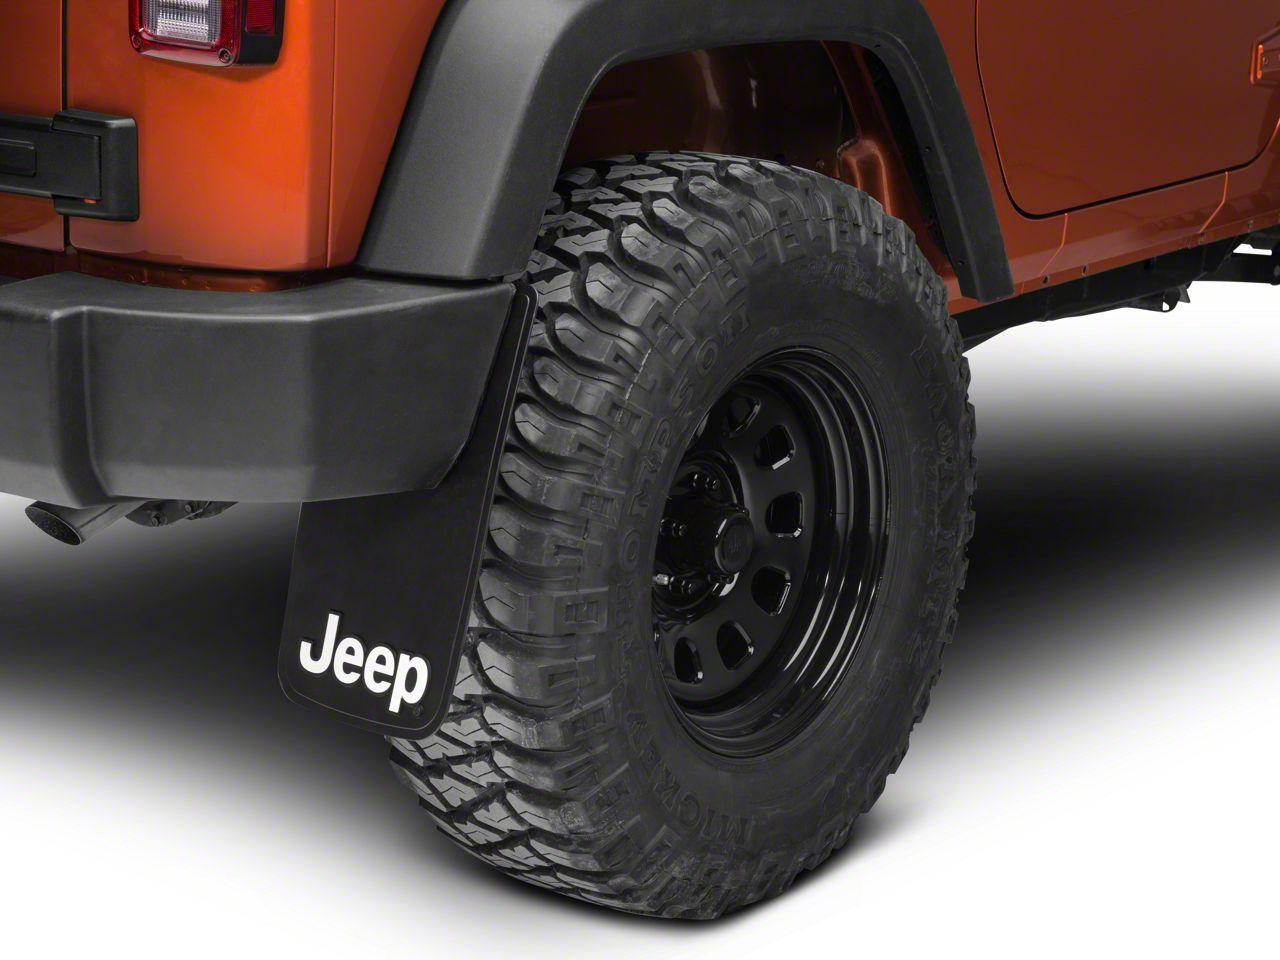 RedRock 4x4 Jeep Logo Easy Fit Mud Guard 11x19 (87-19 Jeep Wrangler YJ, TJ, JK & JL)